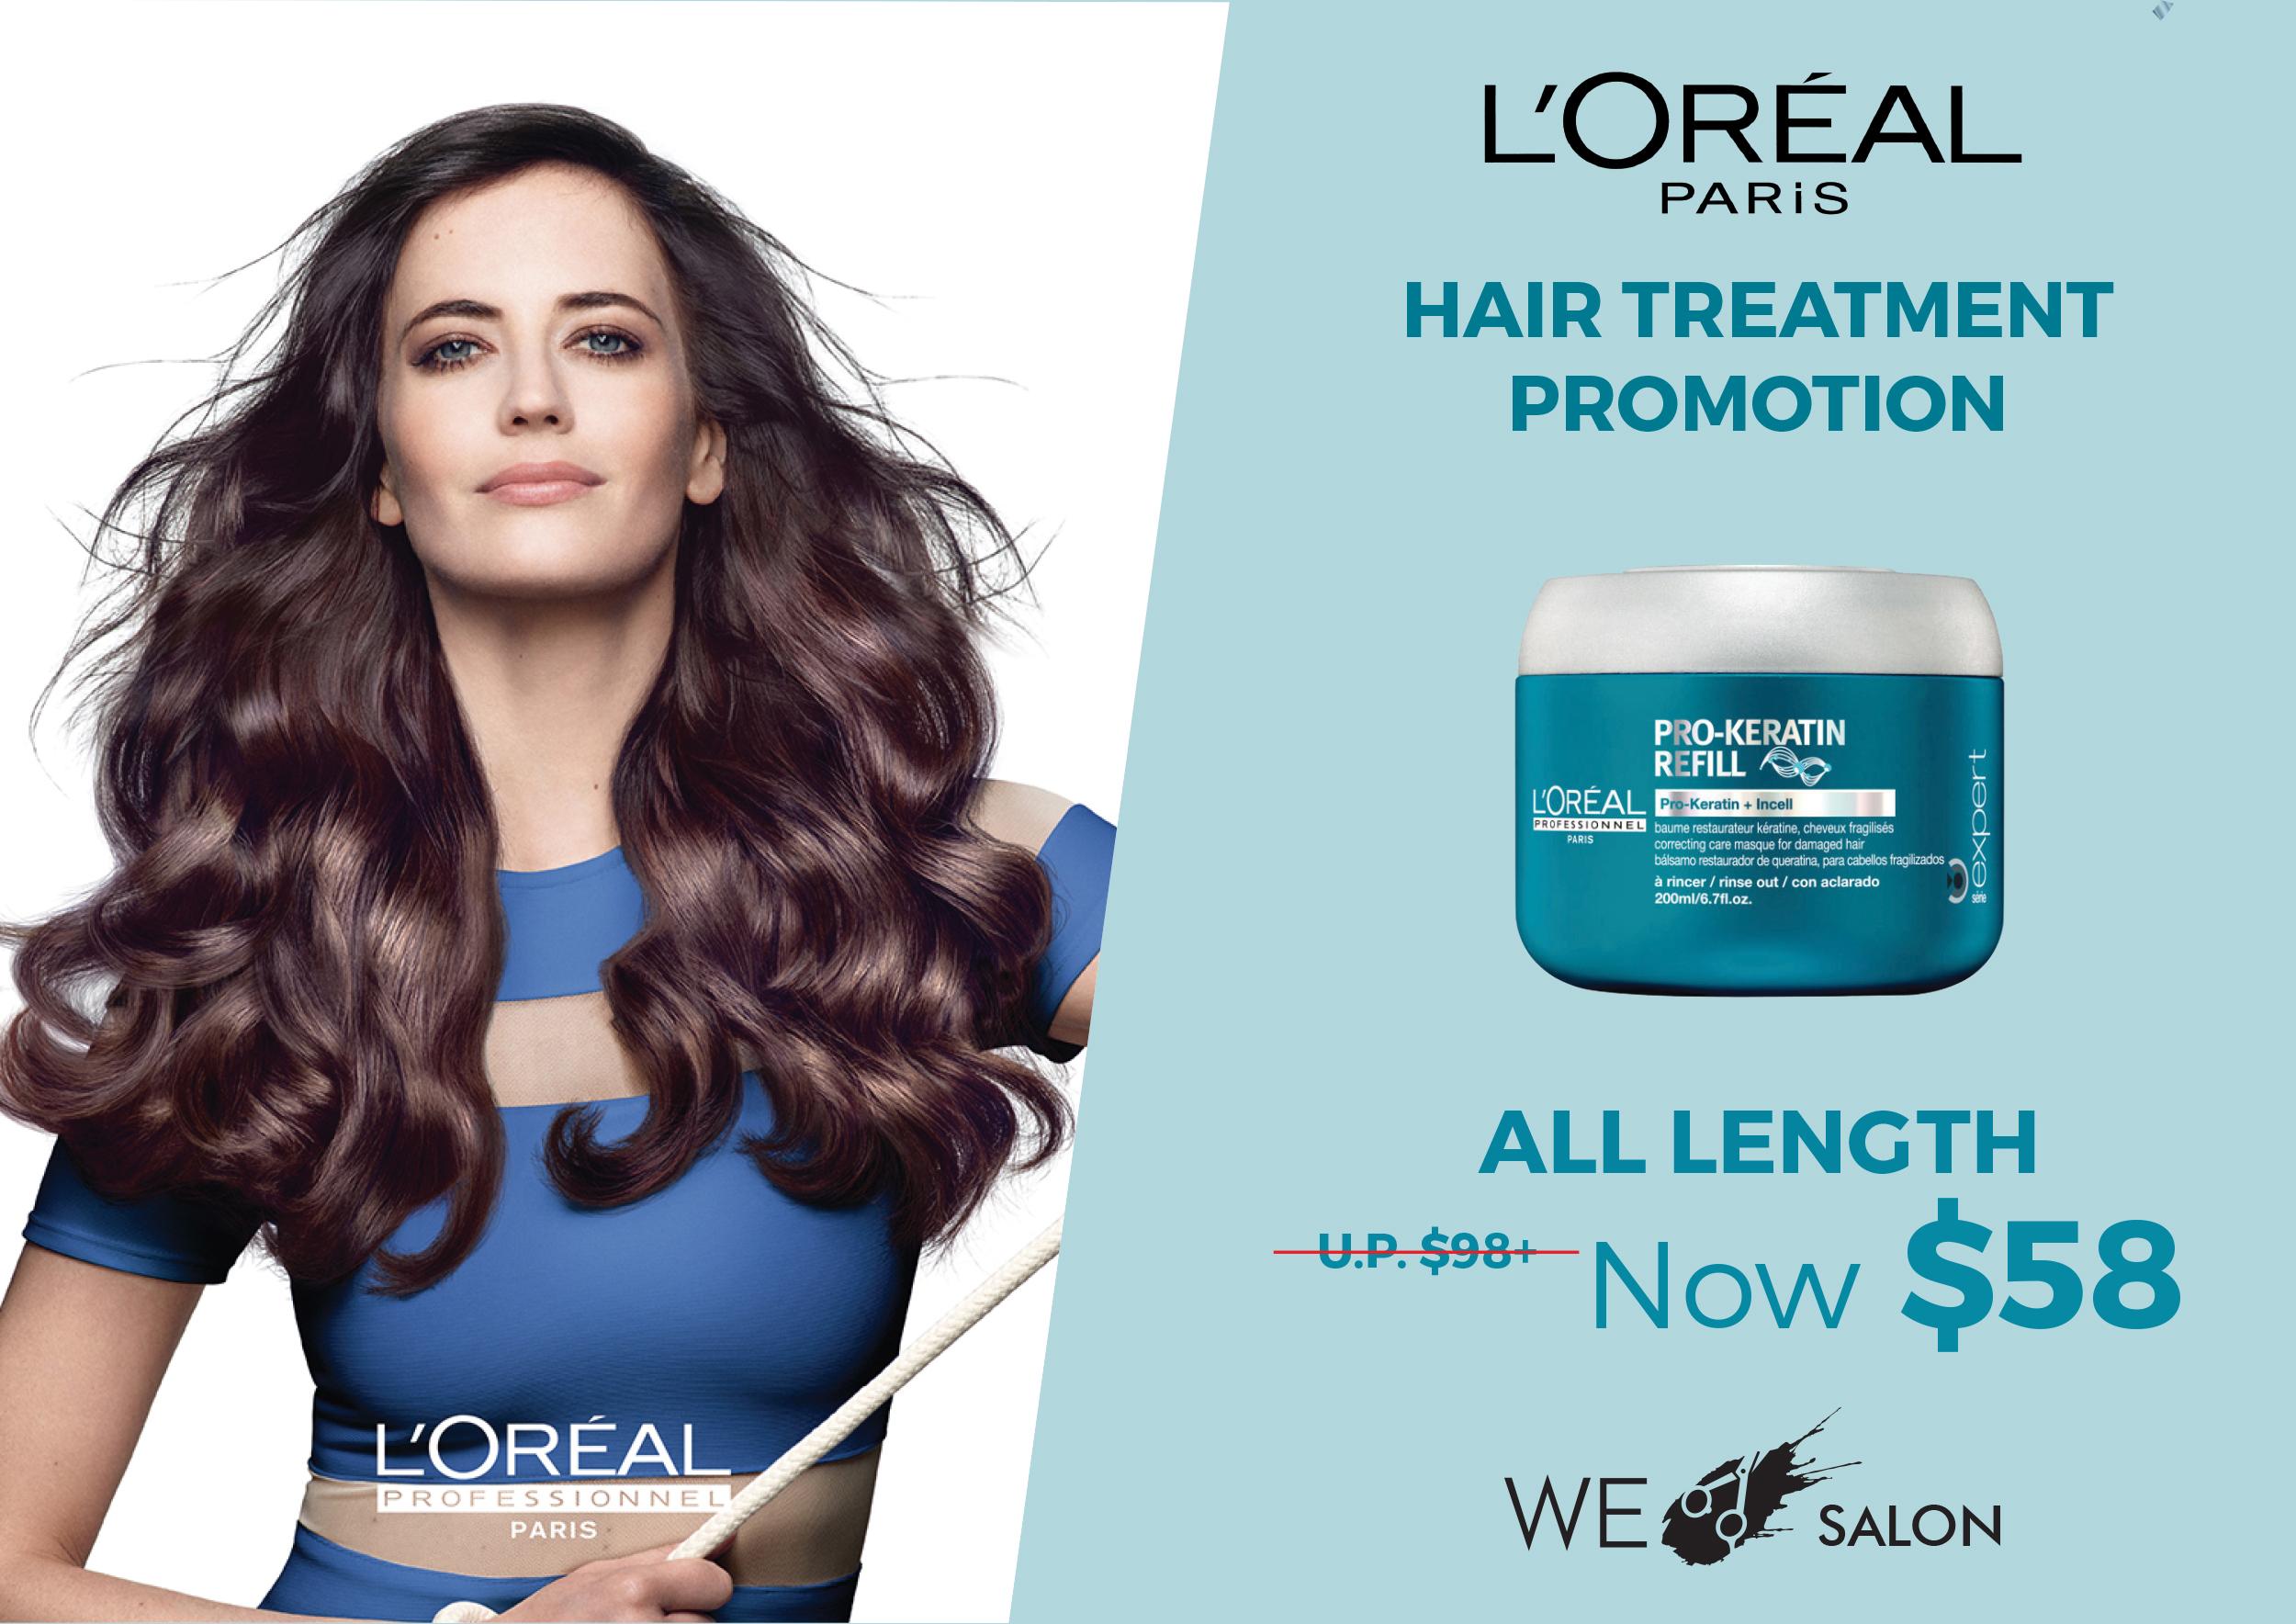 Loreal Hair Treatment $58